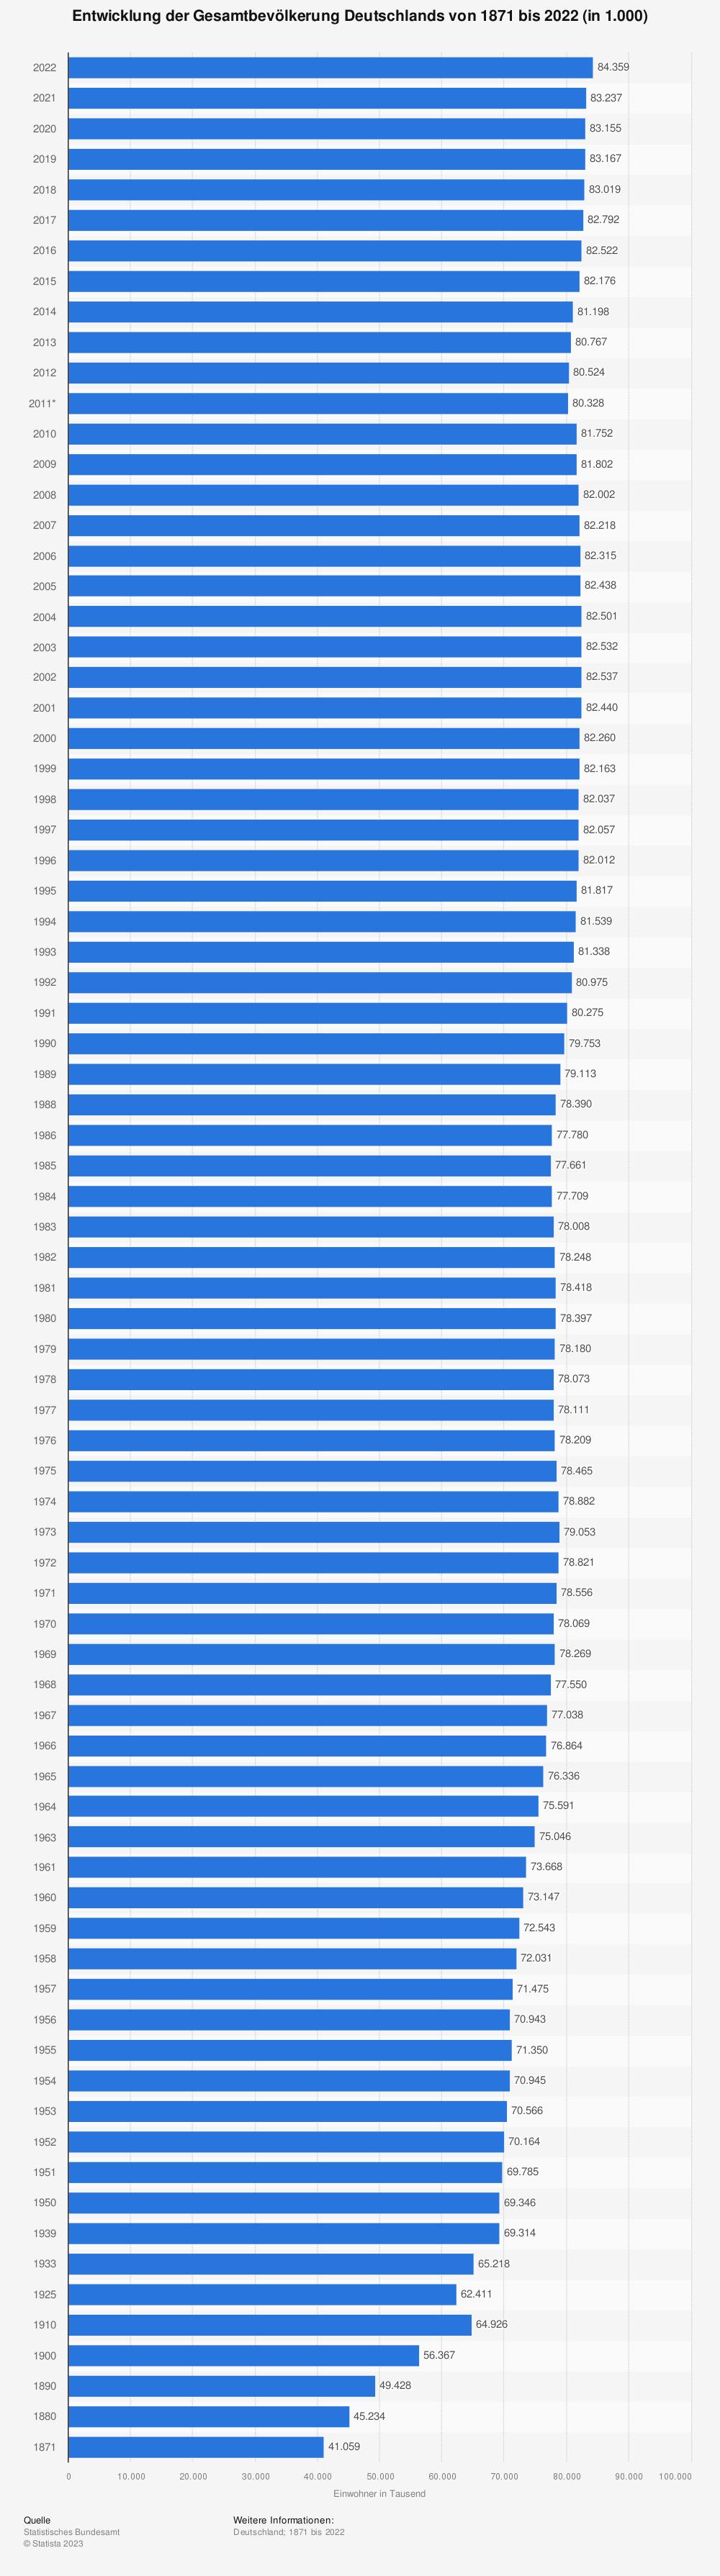 Statistik: Entwicklung der Gesamtbevölkerung Deutschlands von 1871 bis 2018 (in 1.000) | Statista